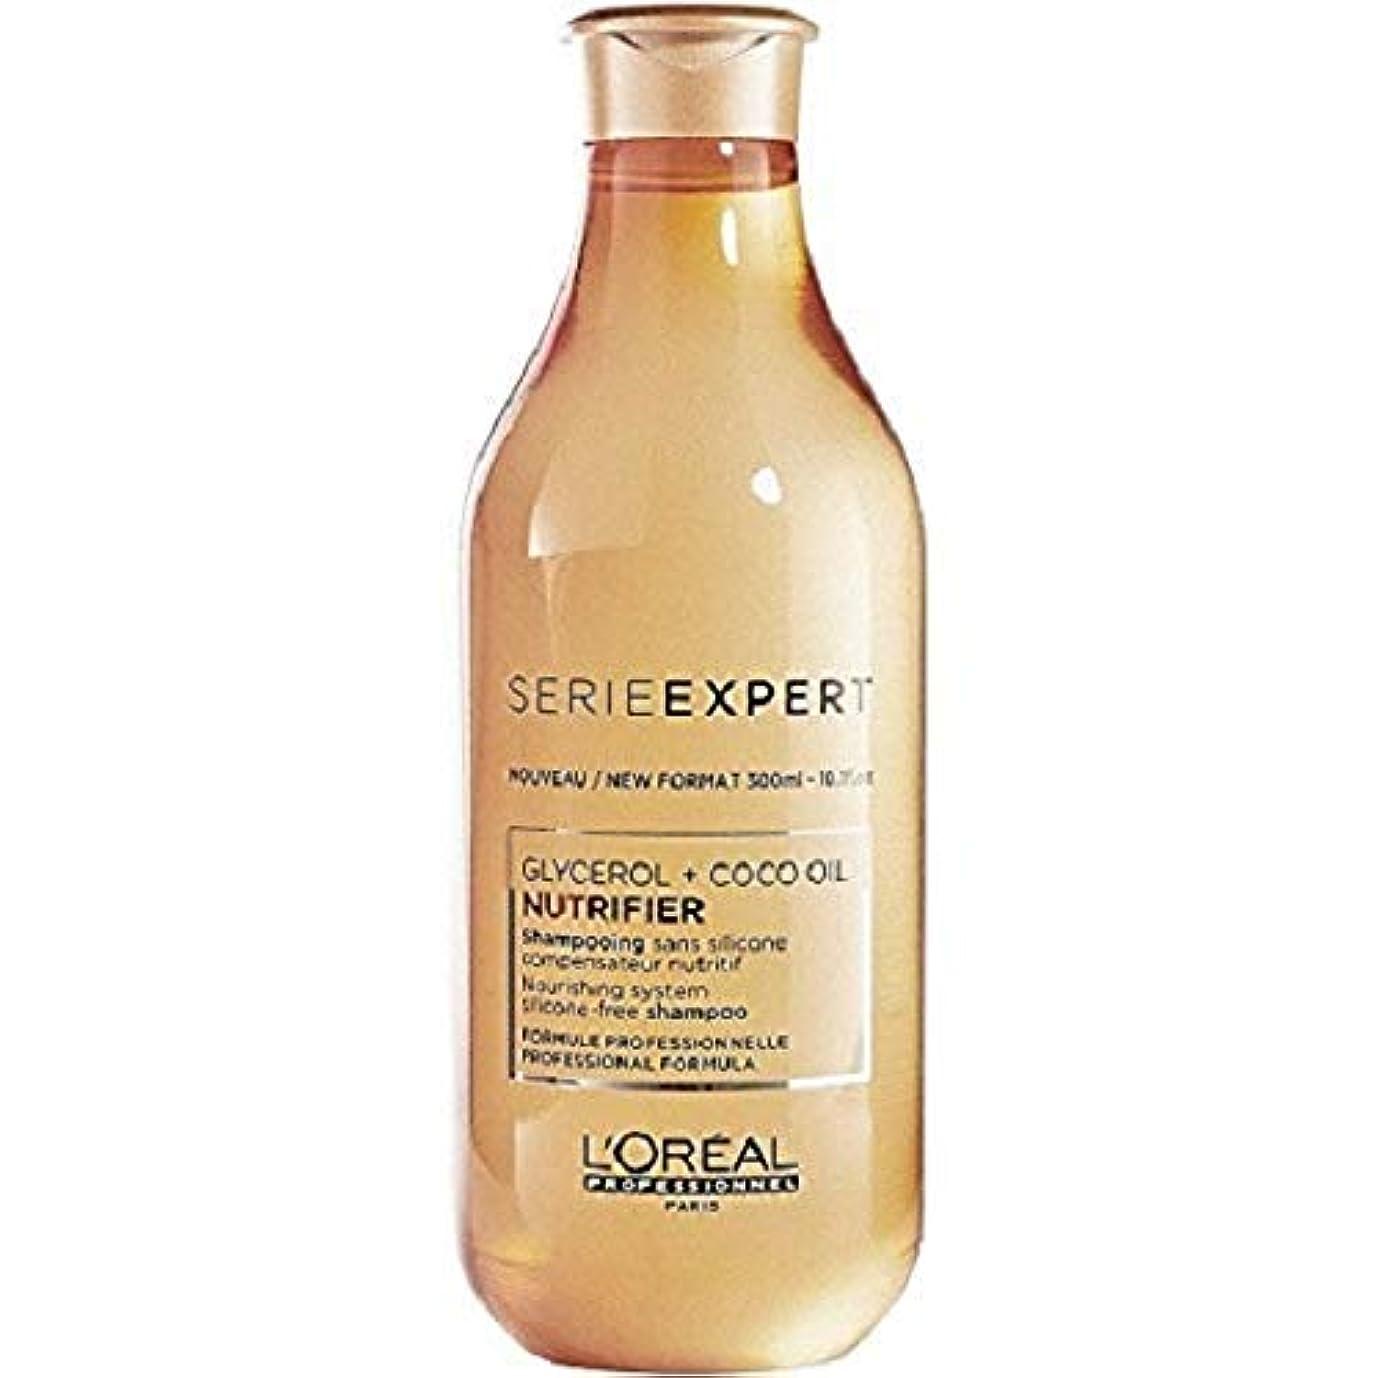 ペニーアクセス激怒L'Oreal Serie Expert Glycerol + Coco Oil NUTRIFIER Nourishing System Silicone-Free Shampoo 300 ml [並行輸入品]